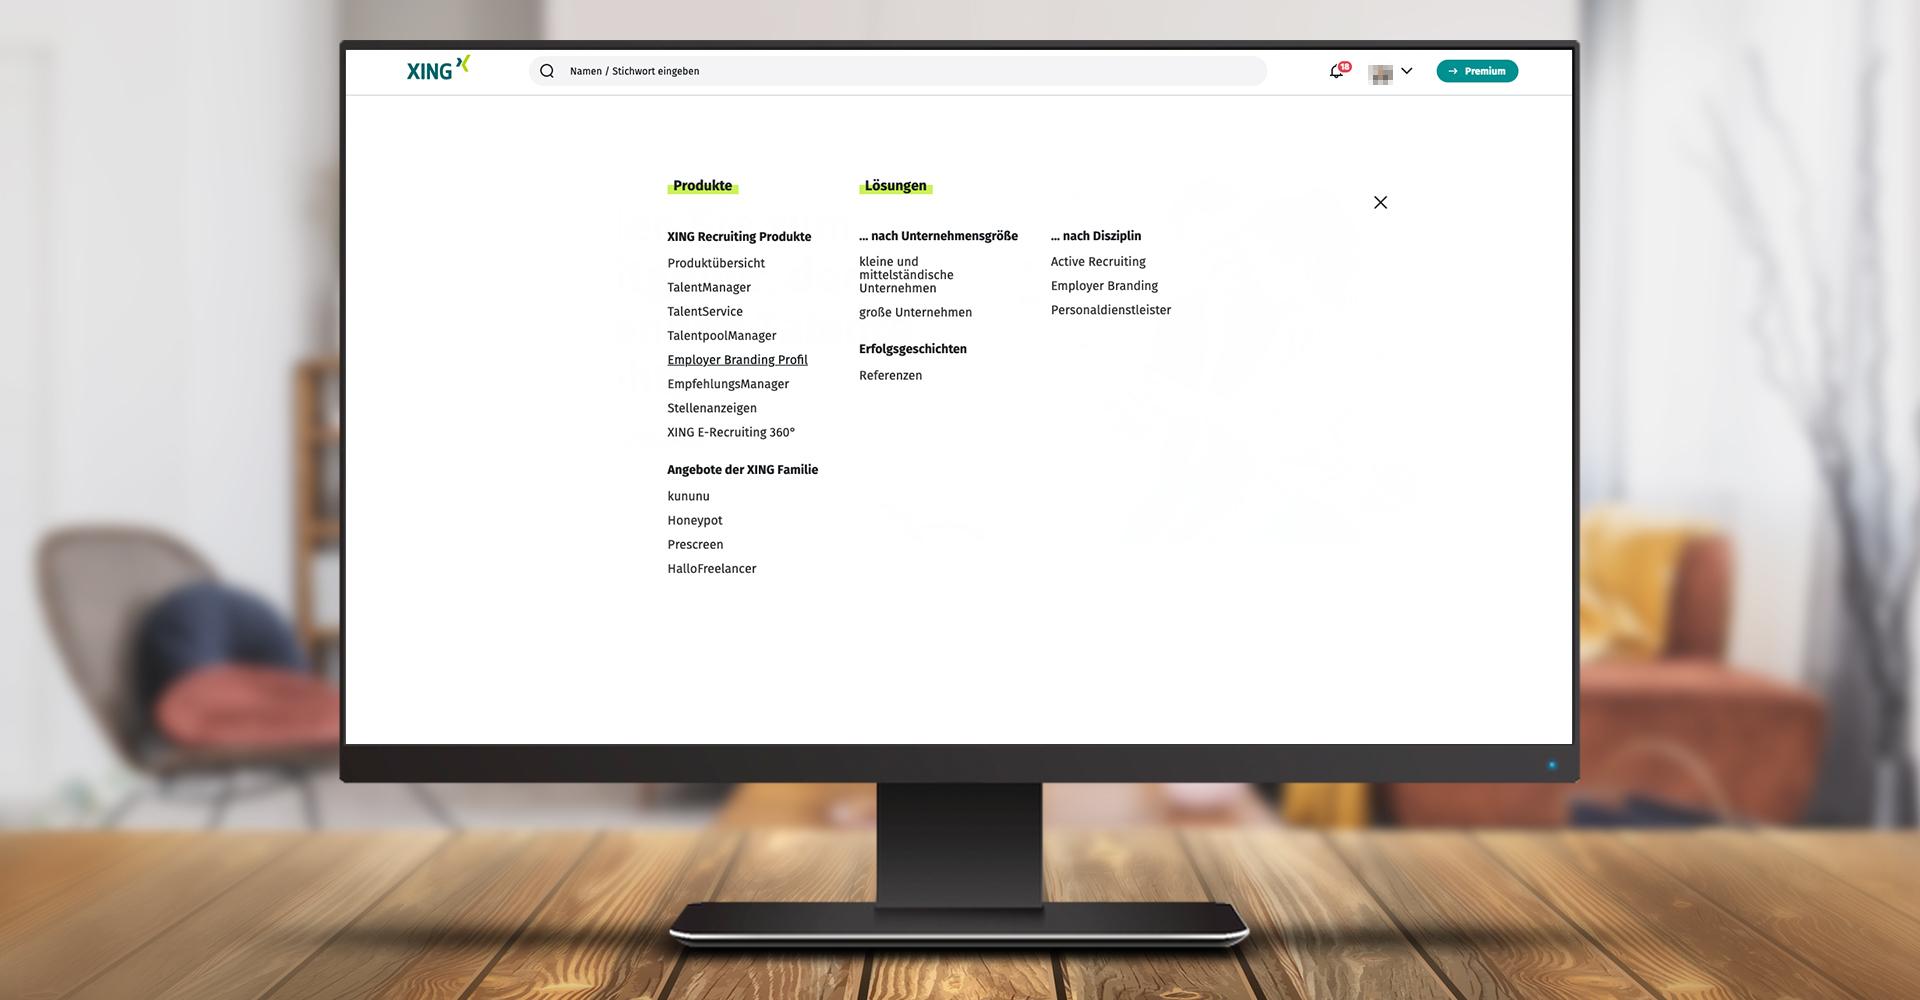 Screenshot des Menüs, unter dem Sie das Upgrade Ihrer Unternehmensseite zu einem Employer-Branding-Profil wählen